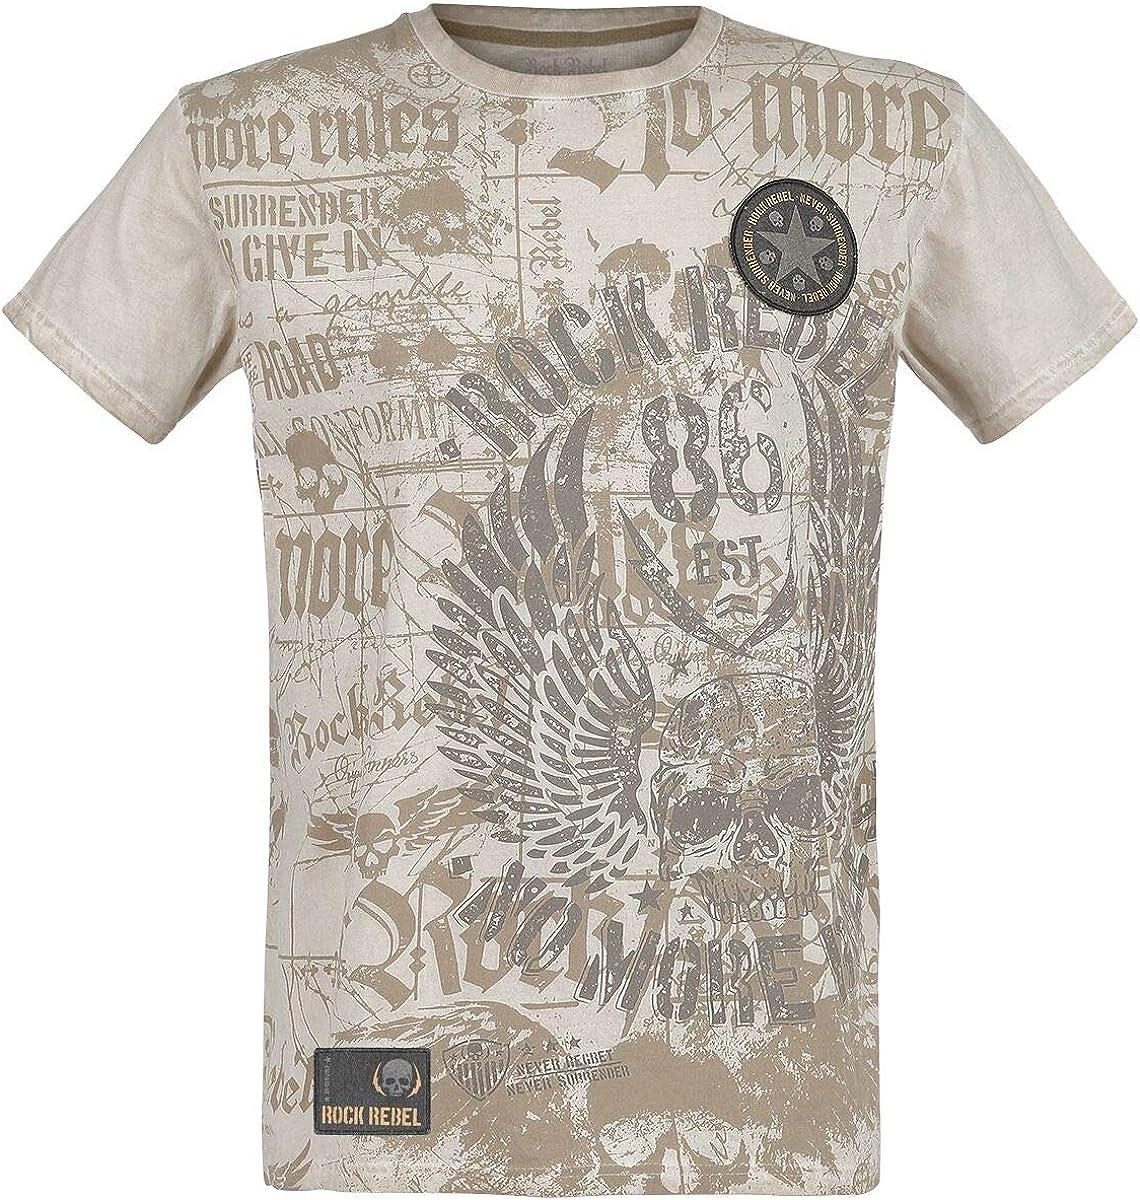 Rock Rebel by EMP Rebel Soul Hombre Camiseta Beige S, 100% algodón, Regular: Amazon.es: Ropa y accesorios